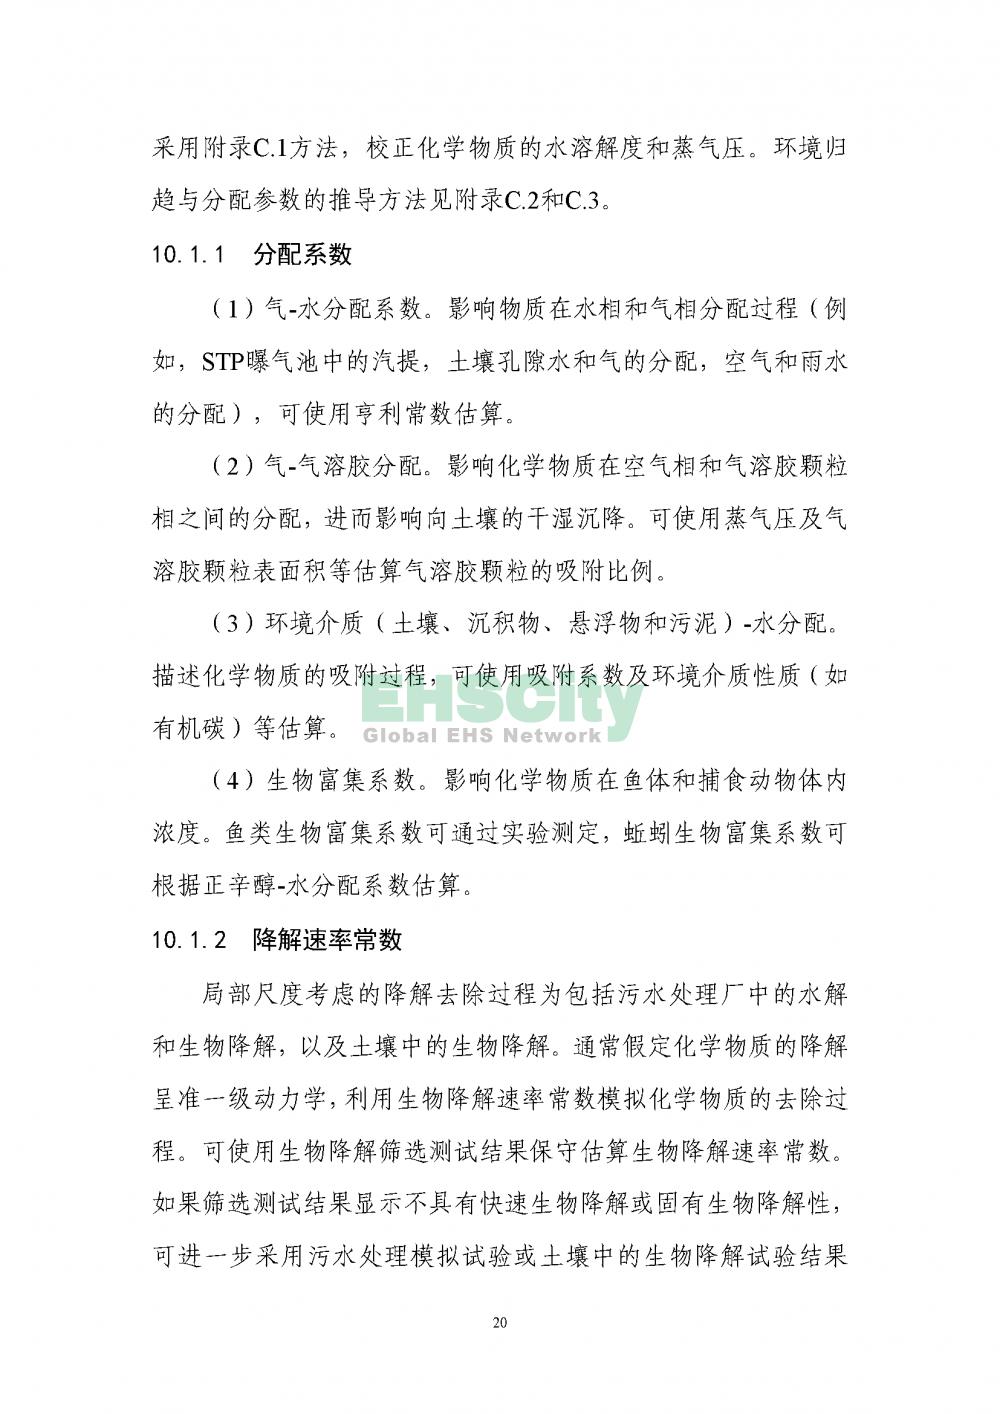 2化学物质环境与健康暴露评估技术导则_页面_22